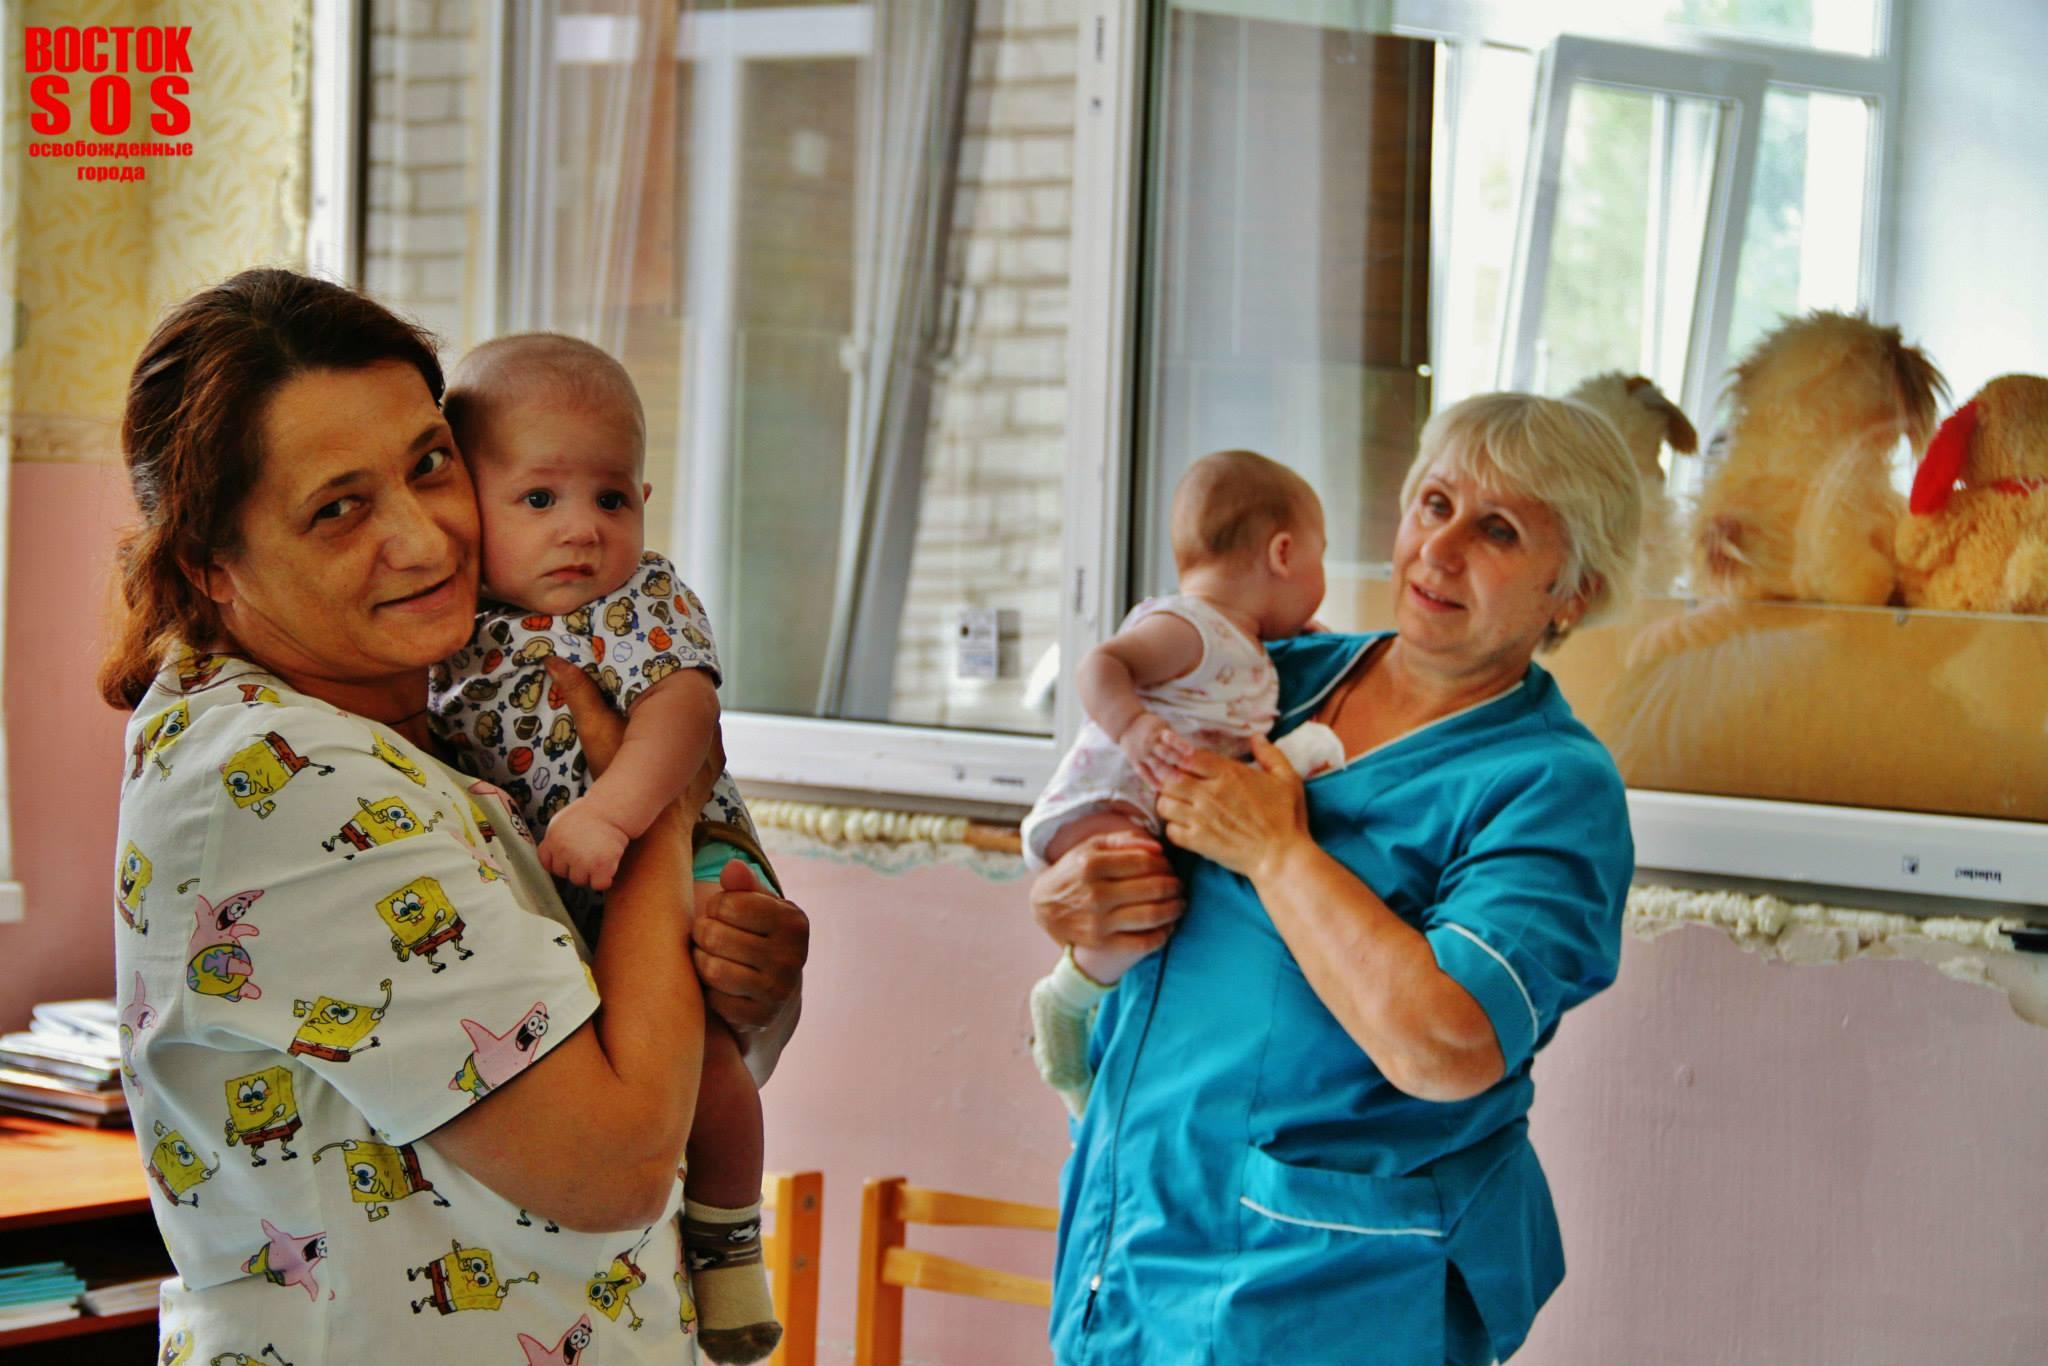 Дом малютки усыновление фото детей в санктпетербурге 5